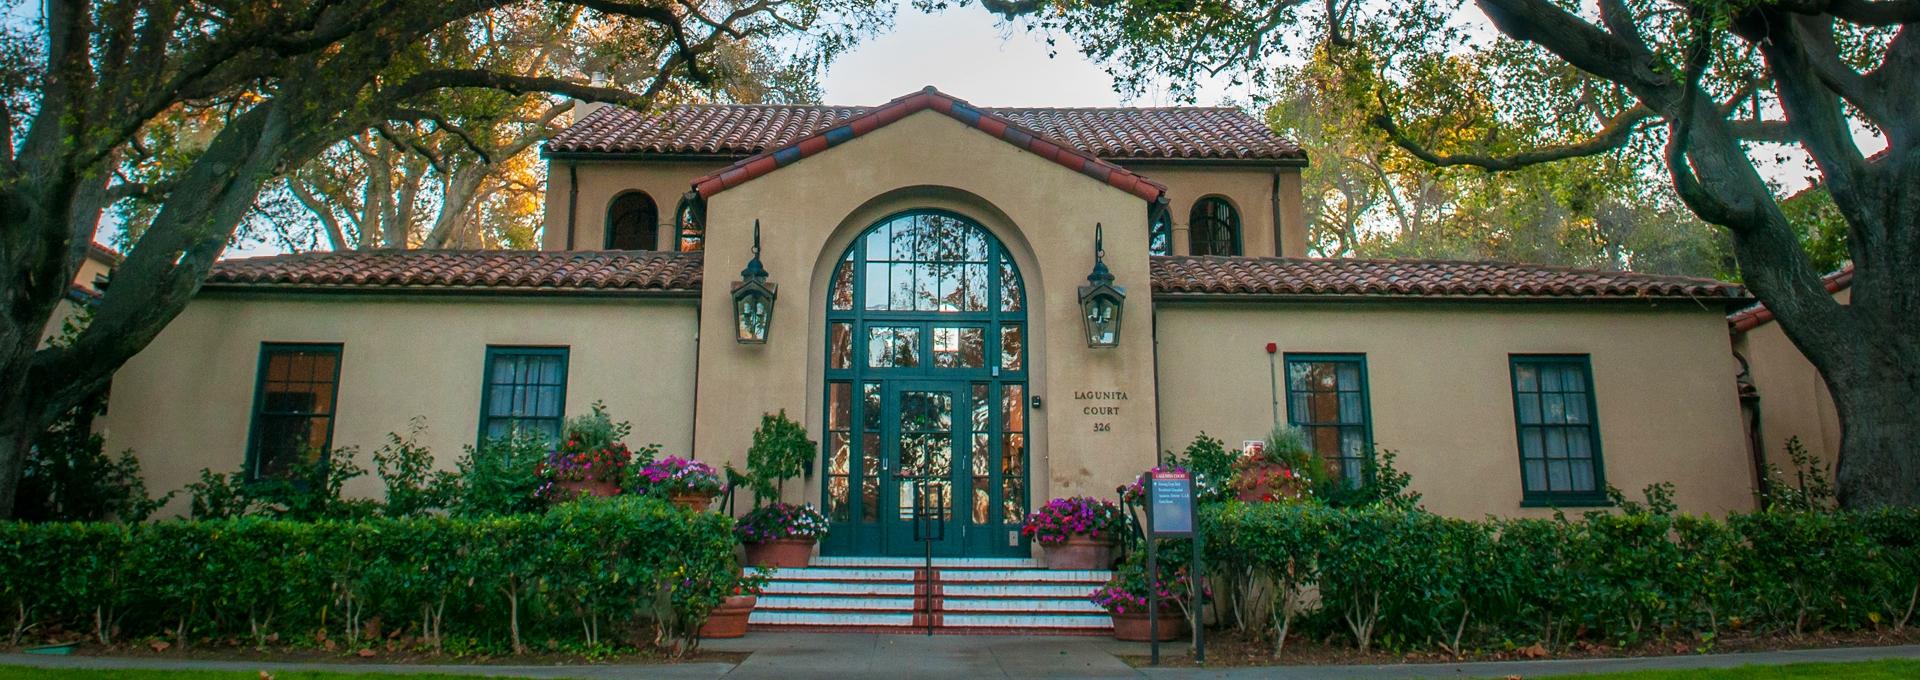 Lagunita Hall